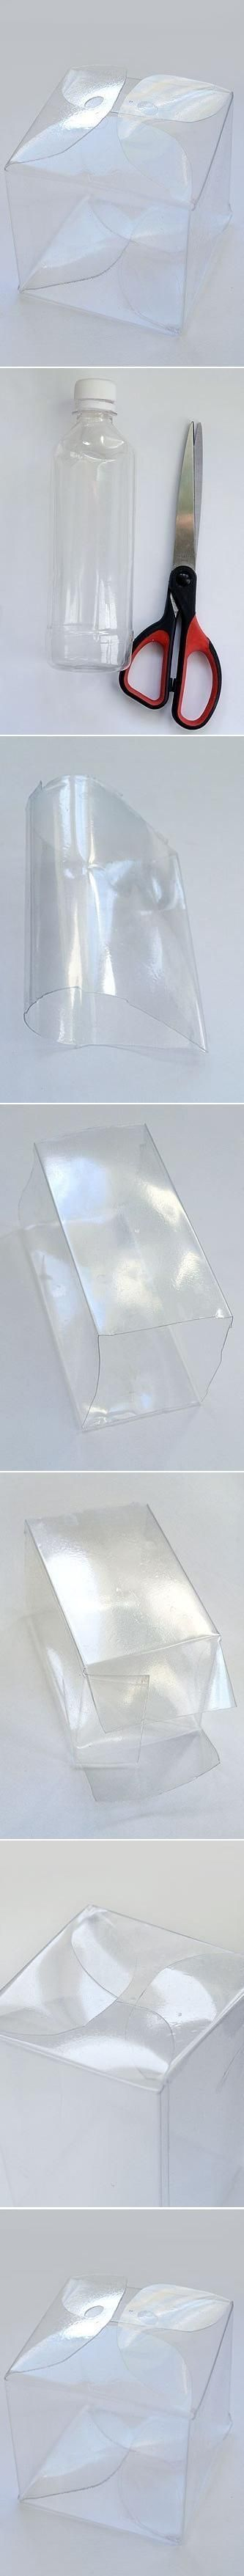 Comment faire une boite parfaitement carrée à partir d'une bouteille ronde! - Trucs et Astuces - Des trucs et des astuces pour améliorer votre vie de tous les jours - Trucs et Bricolages - Fallait y penser !